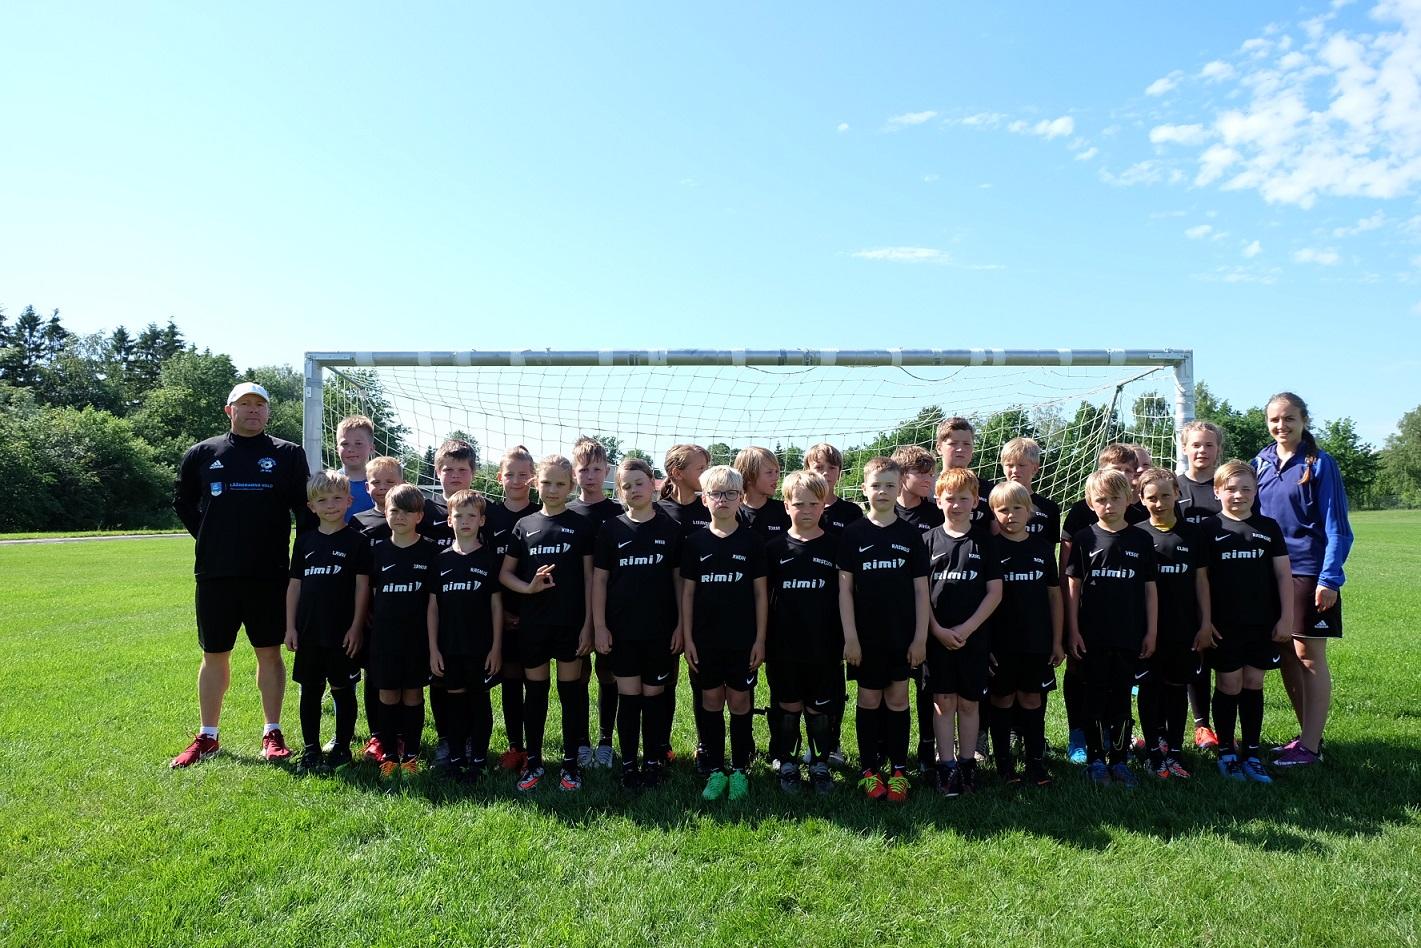 b9a81eff9ed Täna algas Lihula staadionil Eesti Jalgpalli Liidu ja RIMi laste jalgpalli  suvelaager. Lihulas on laager juba neljandat suve ja laste arv on igal  aastal ...